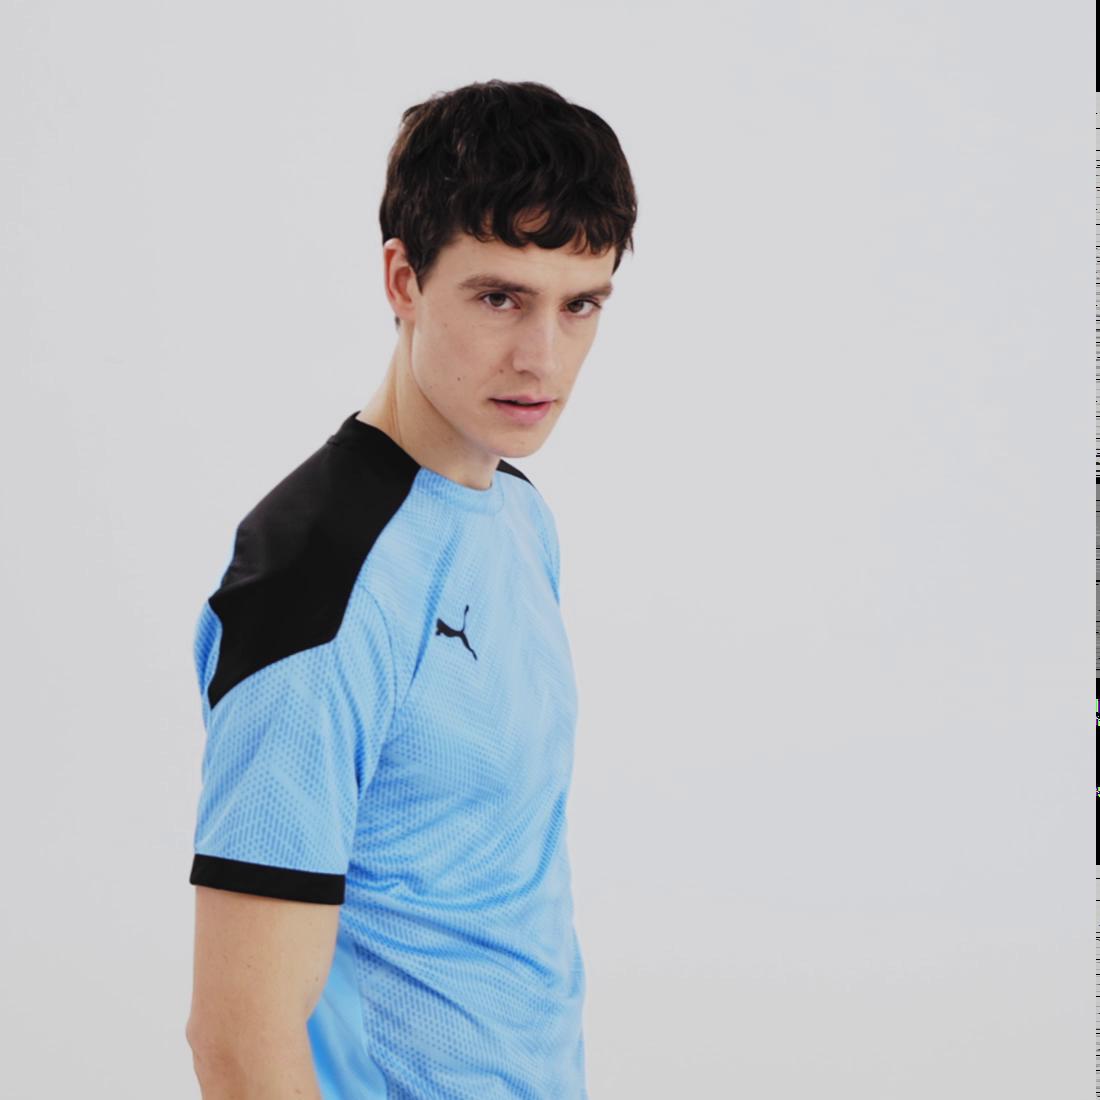 Görüntü Puma ftblNXT Futbol Desenli Erkek Forma #6